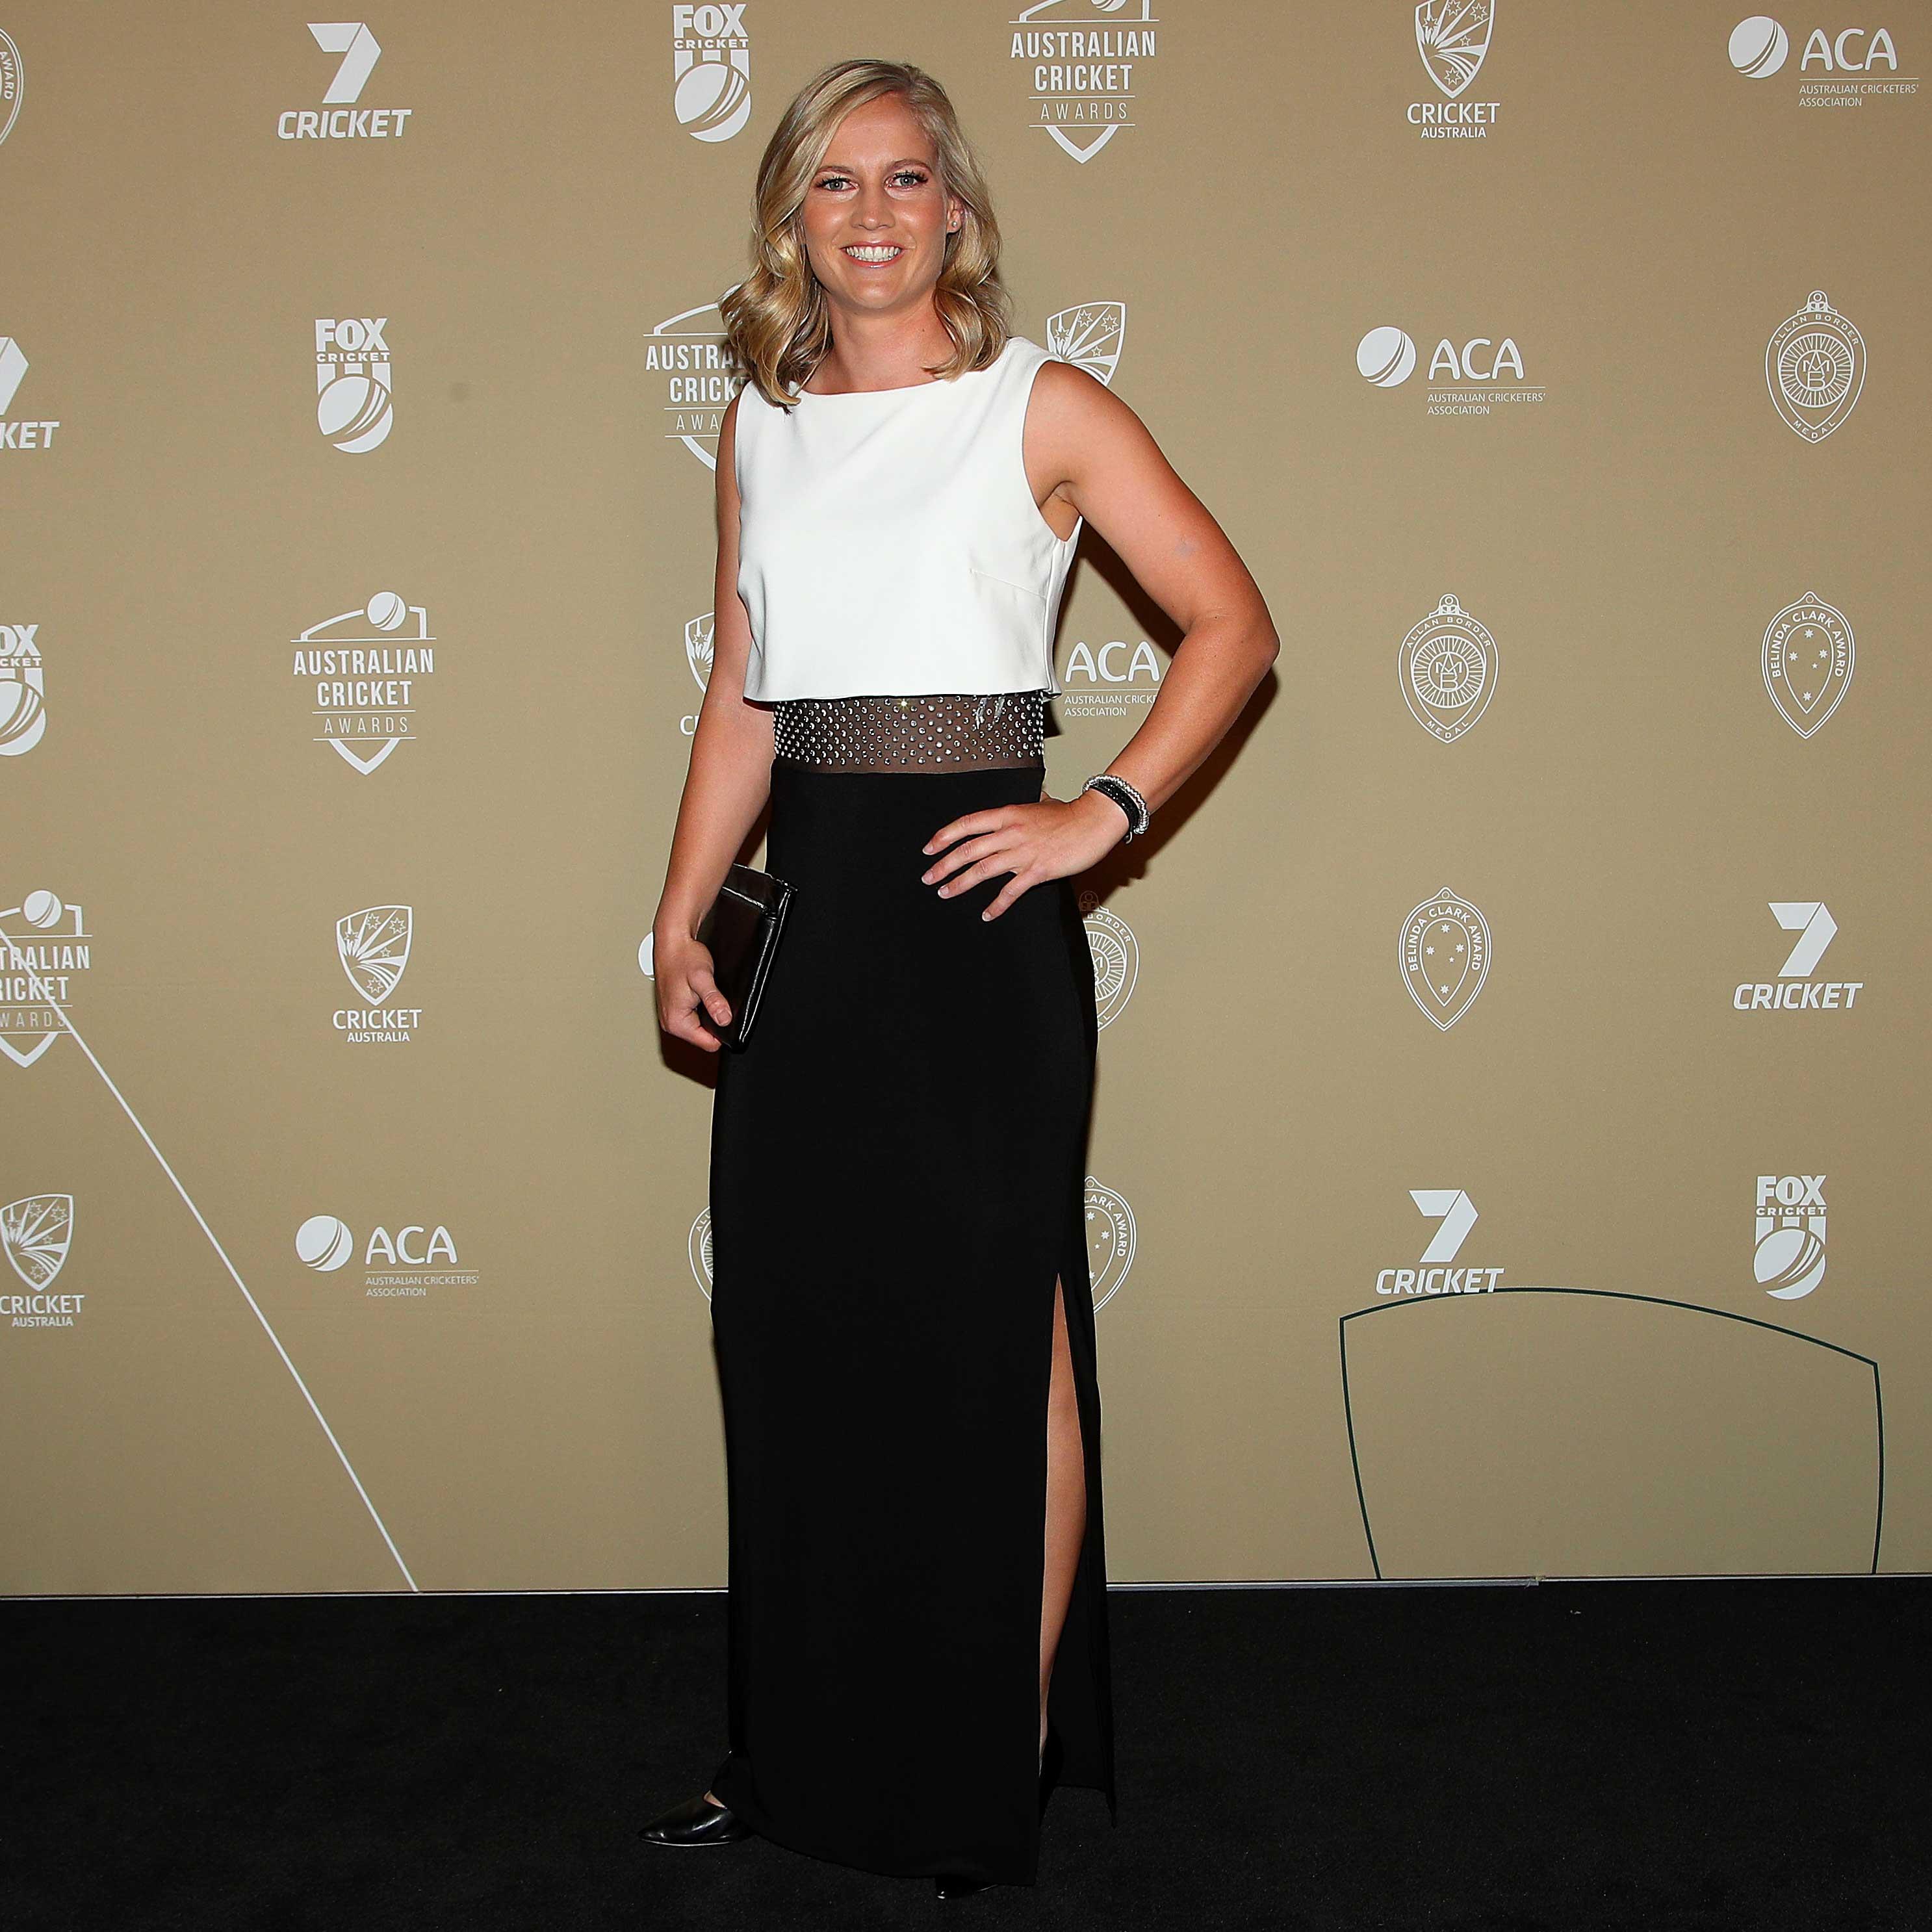 Australia women's captain Meg Lanning // Getty